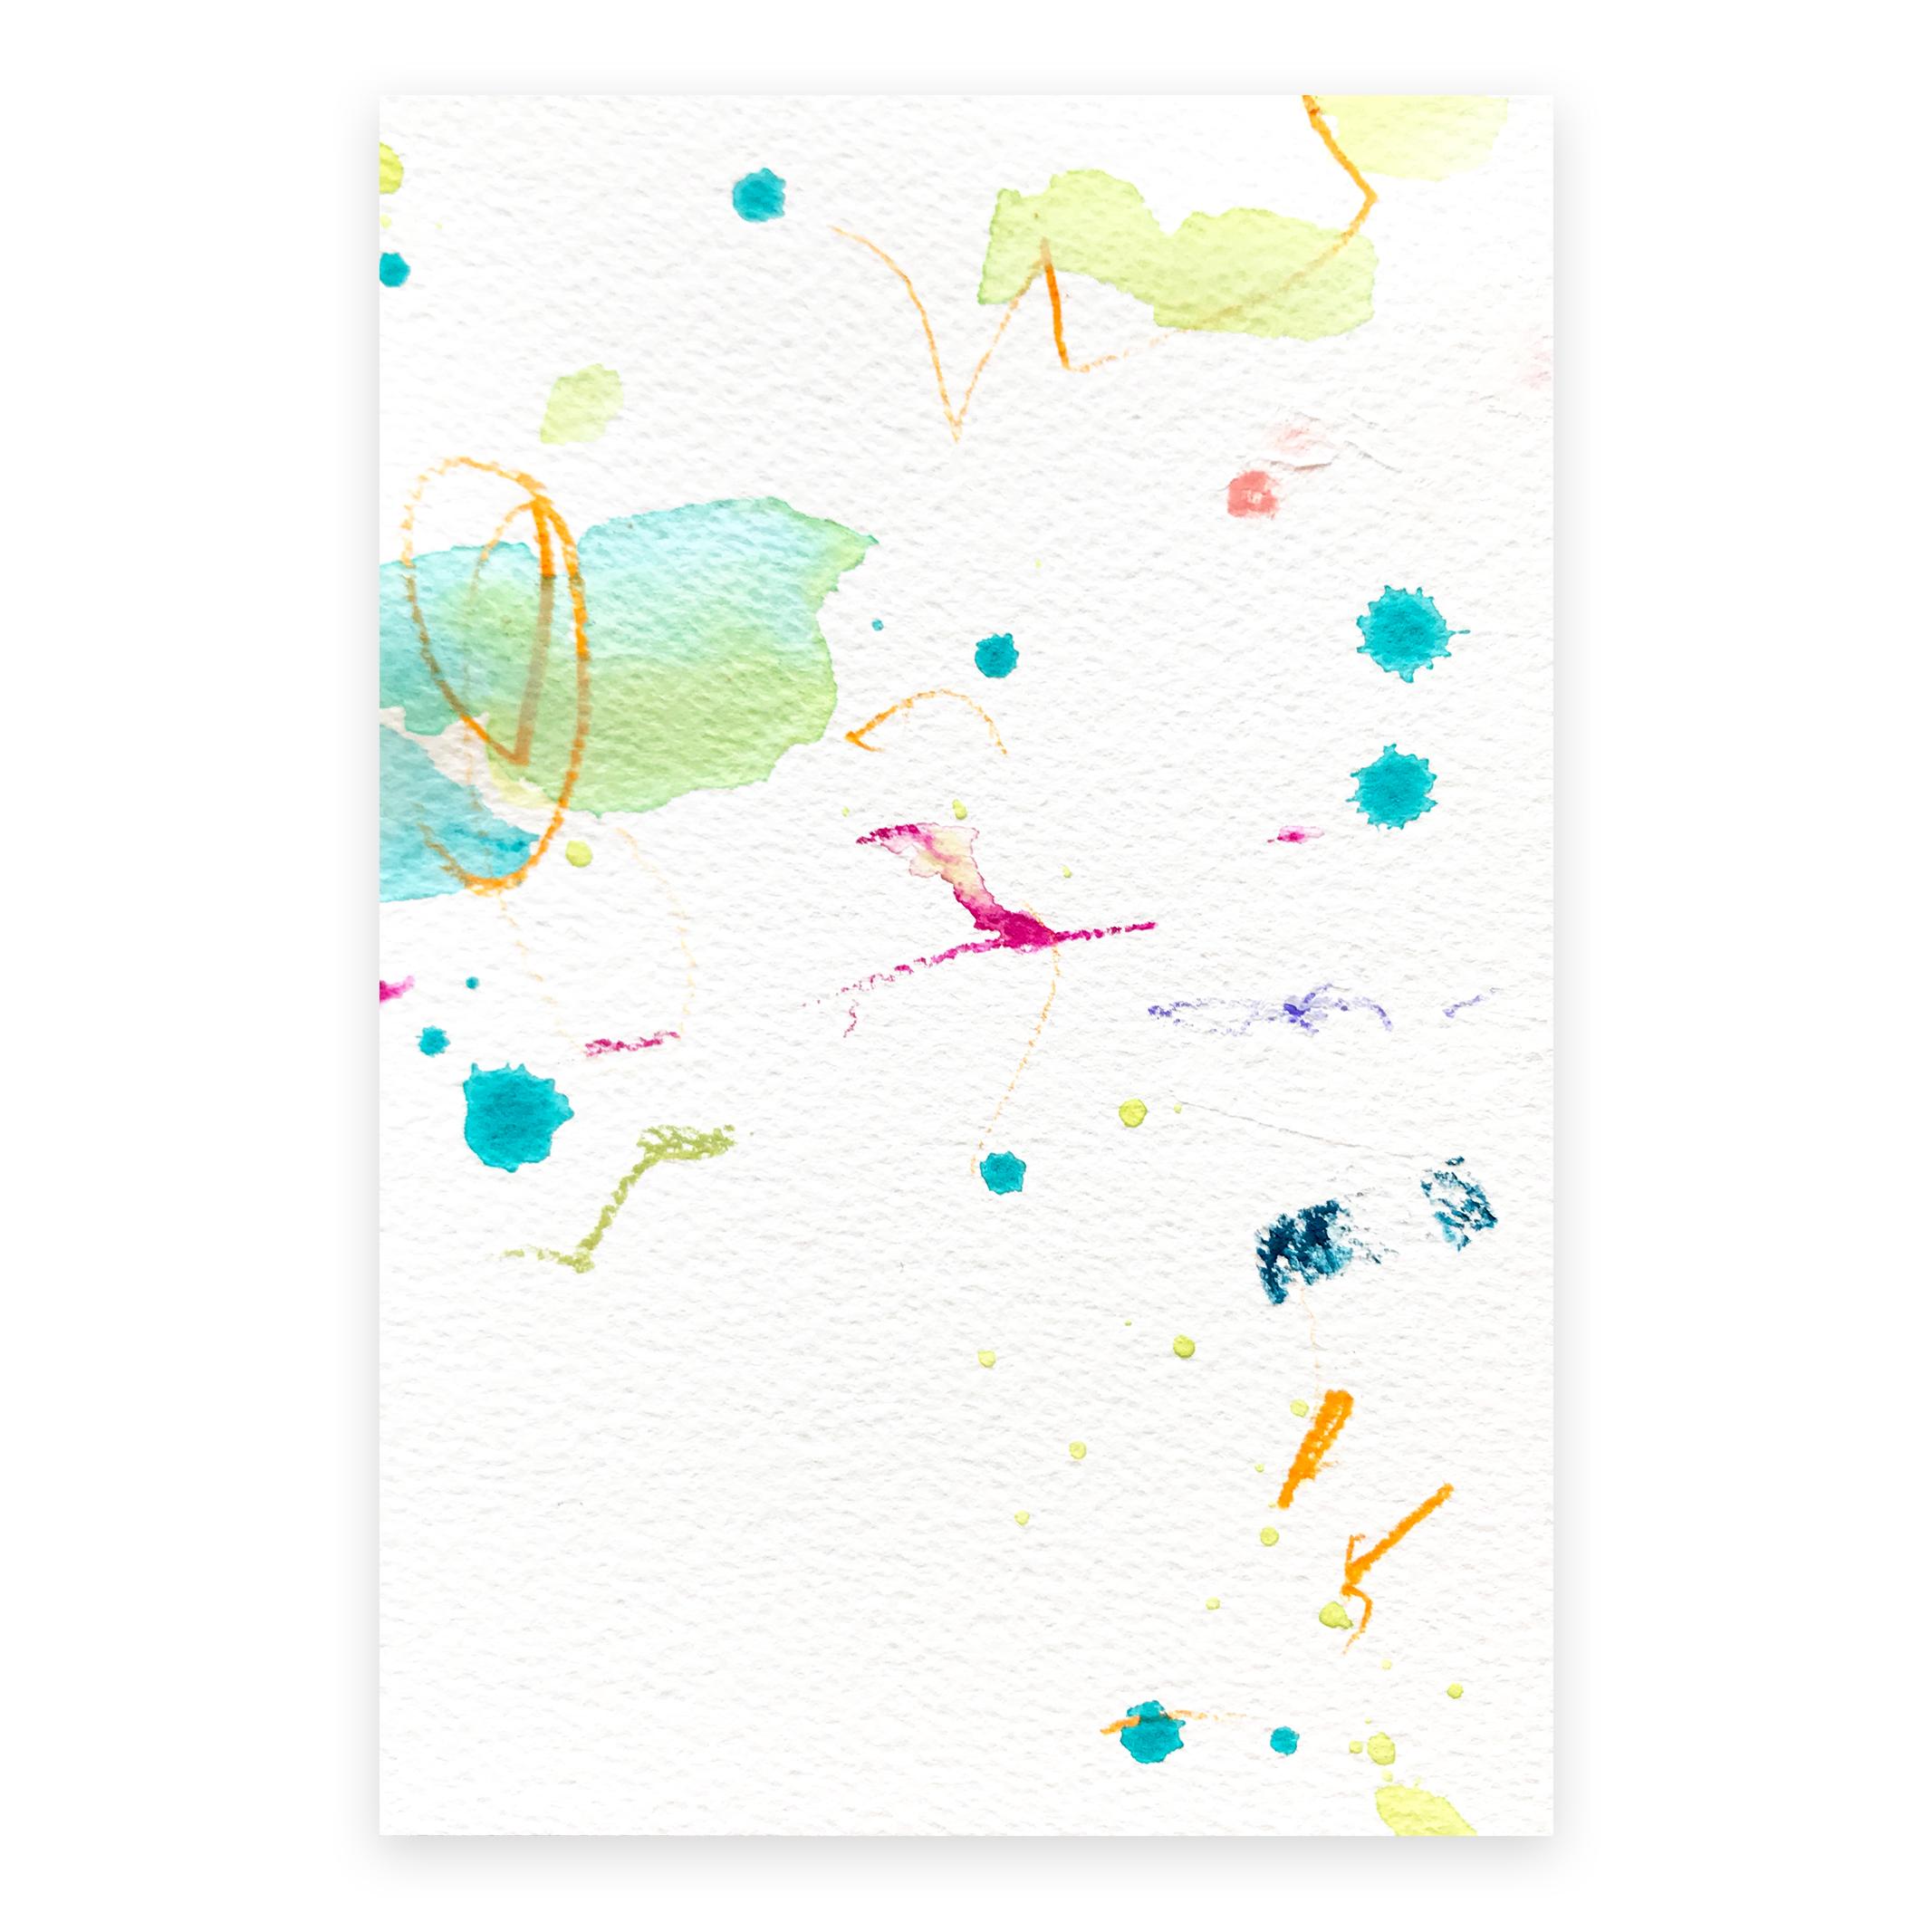 dd_oct22182  Mixed media on paper 14.8×10cm